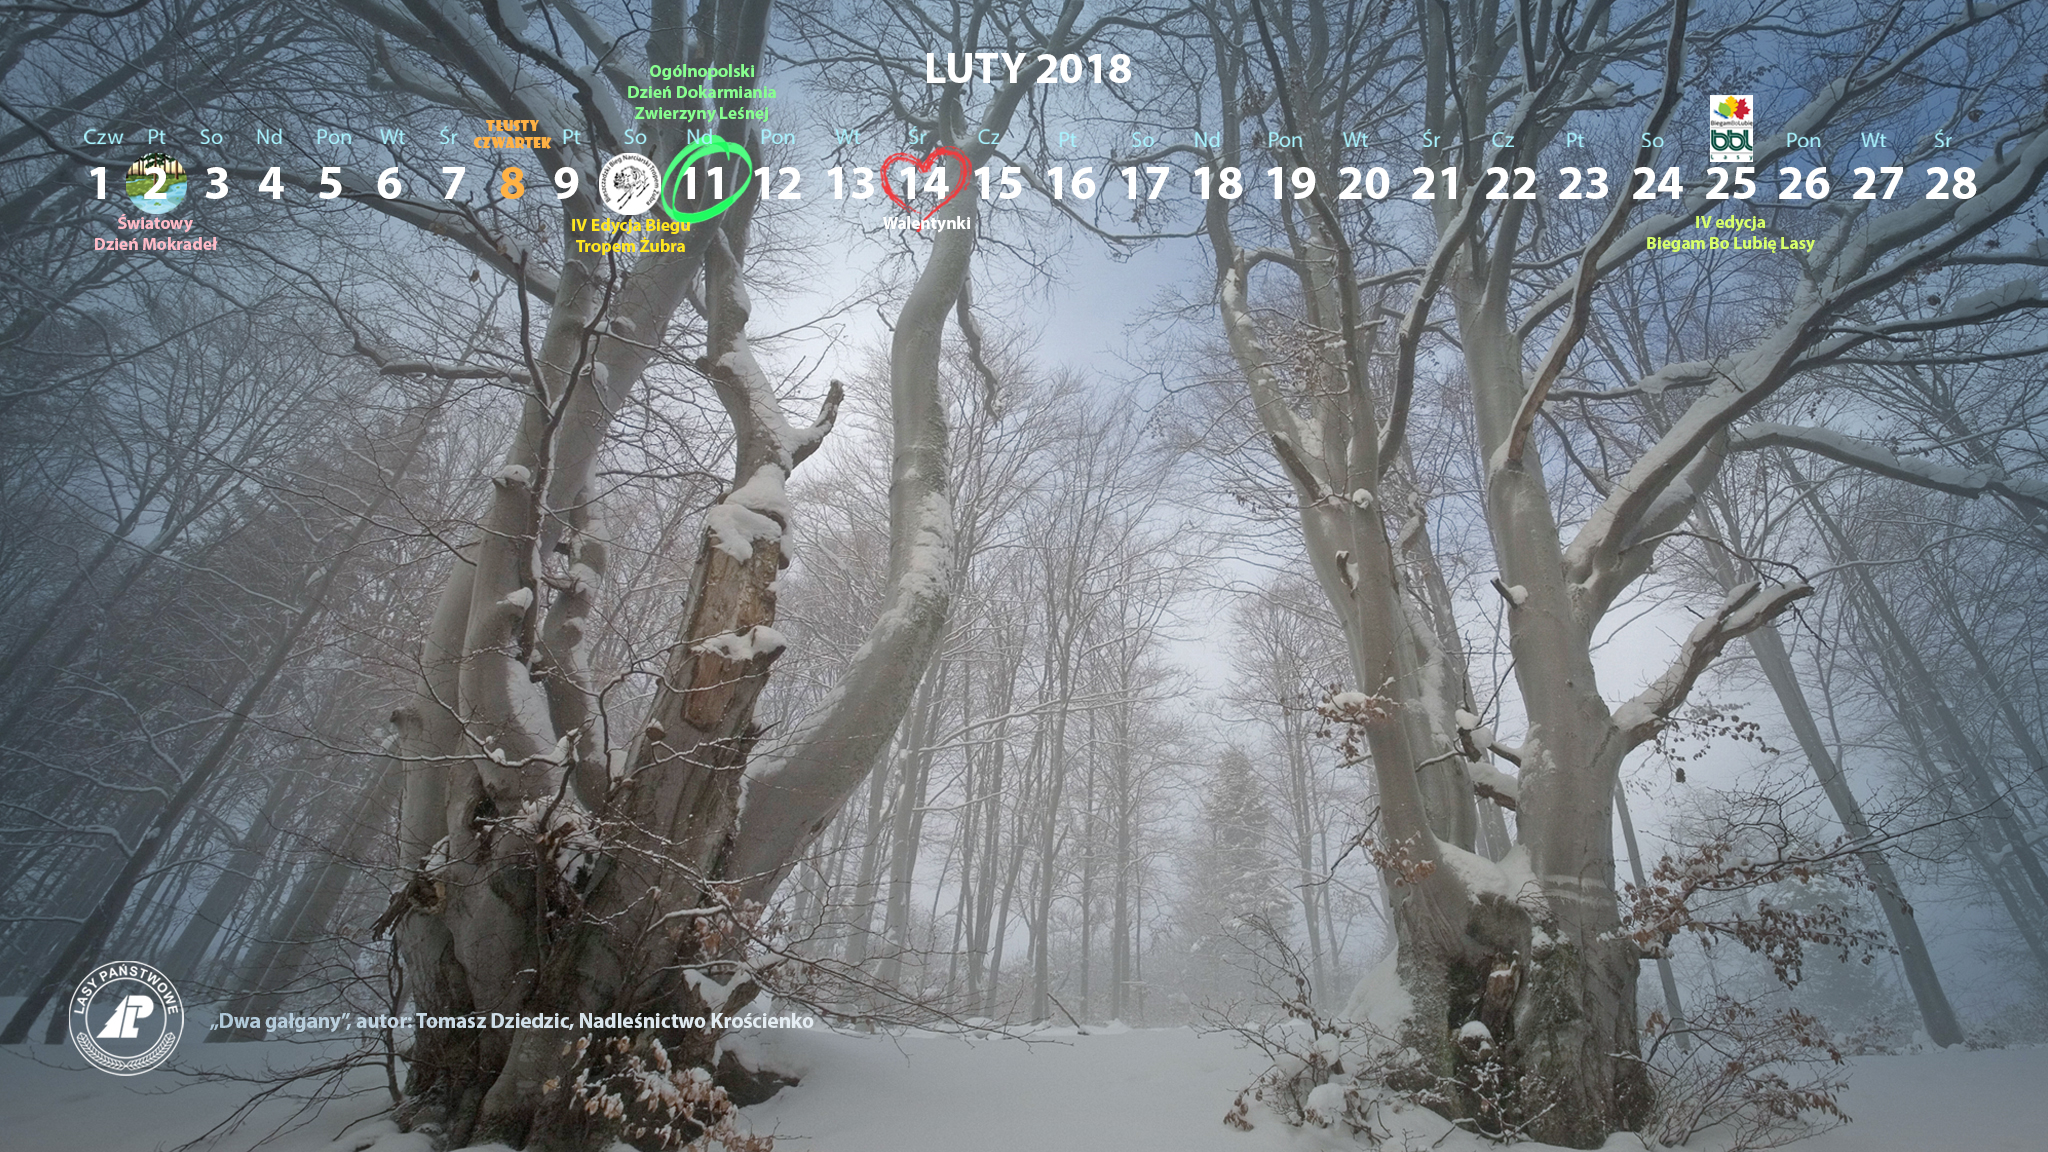 Kalendarz luty 2018 2048x1152